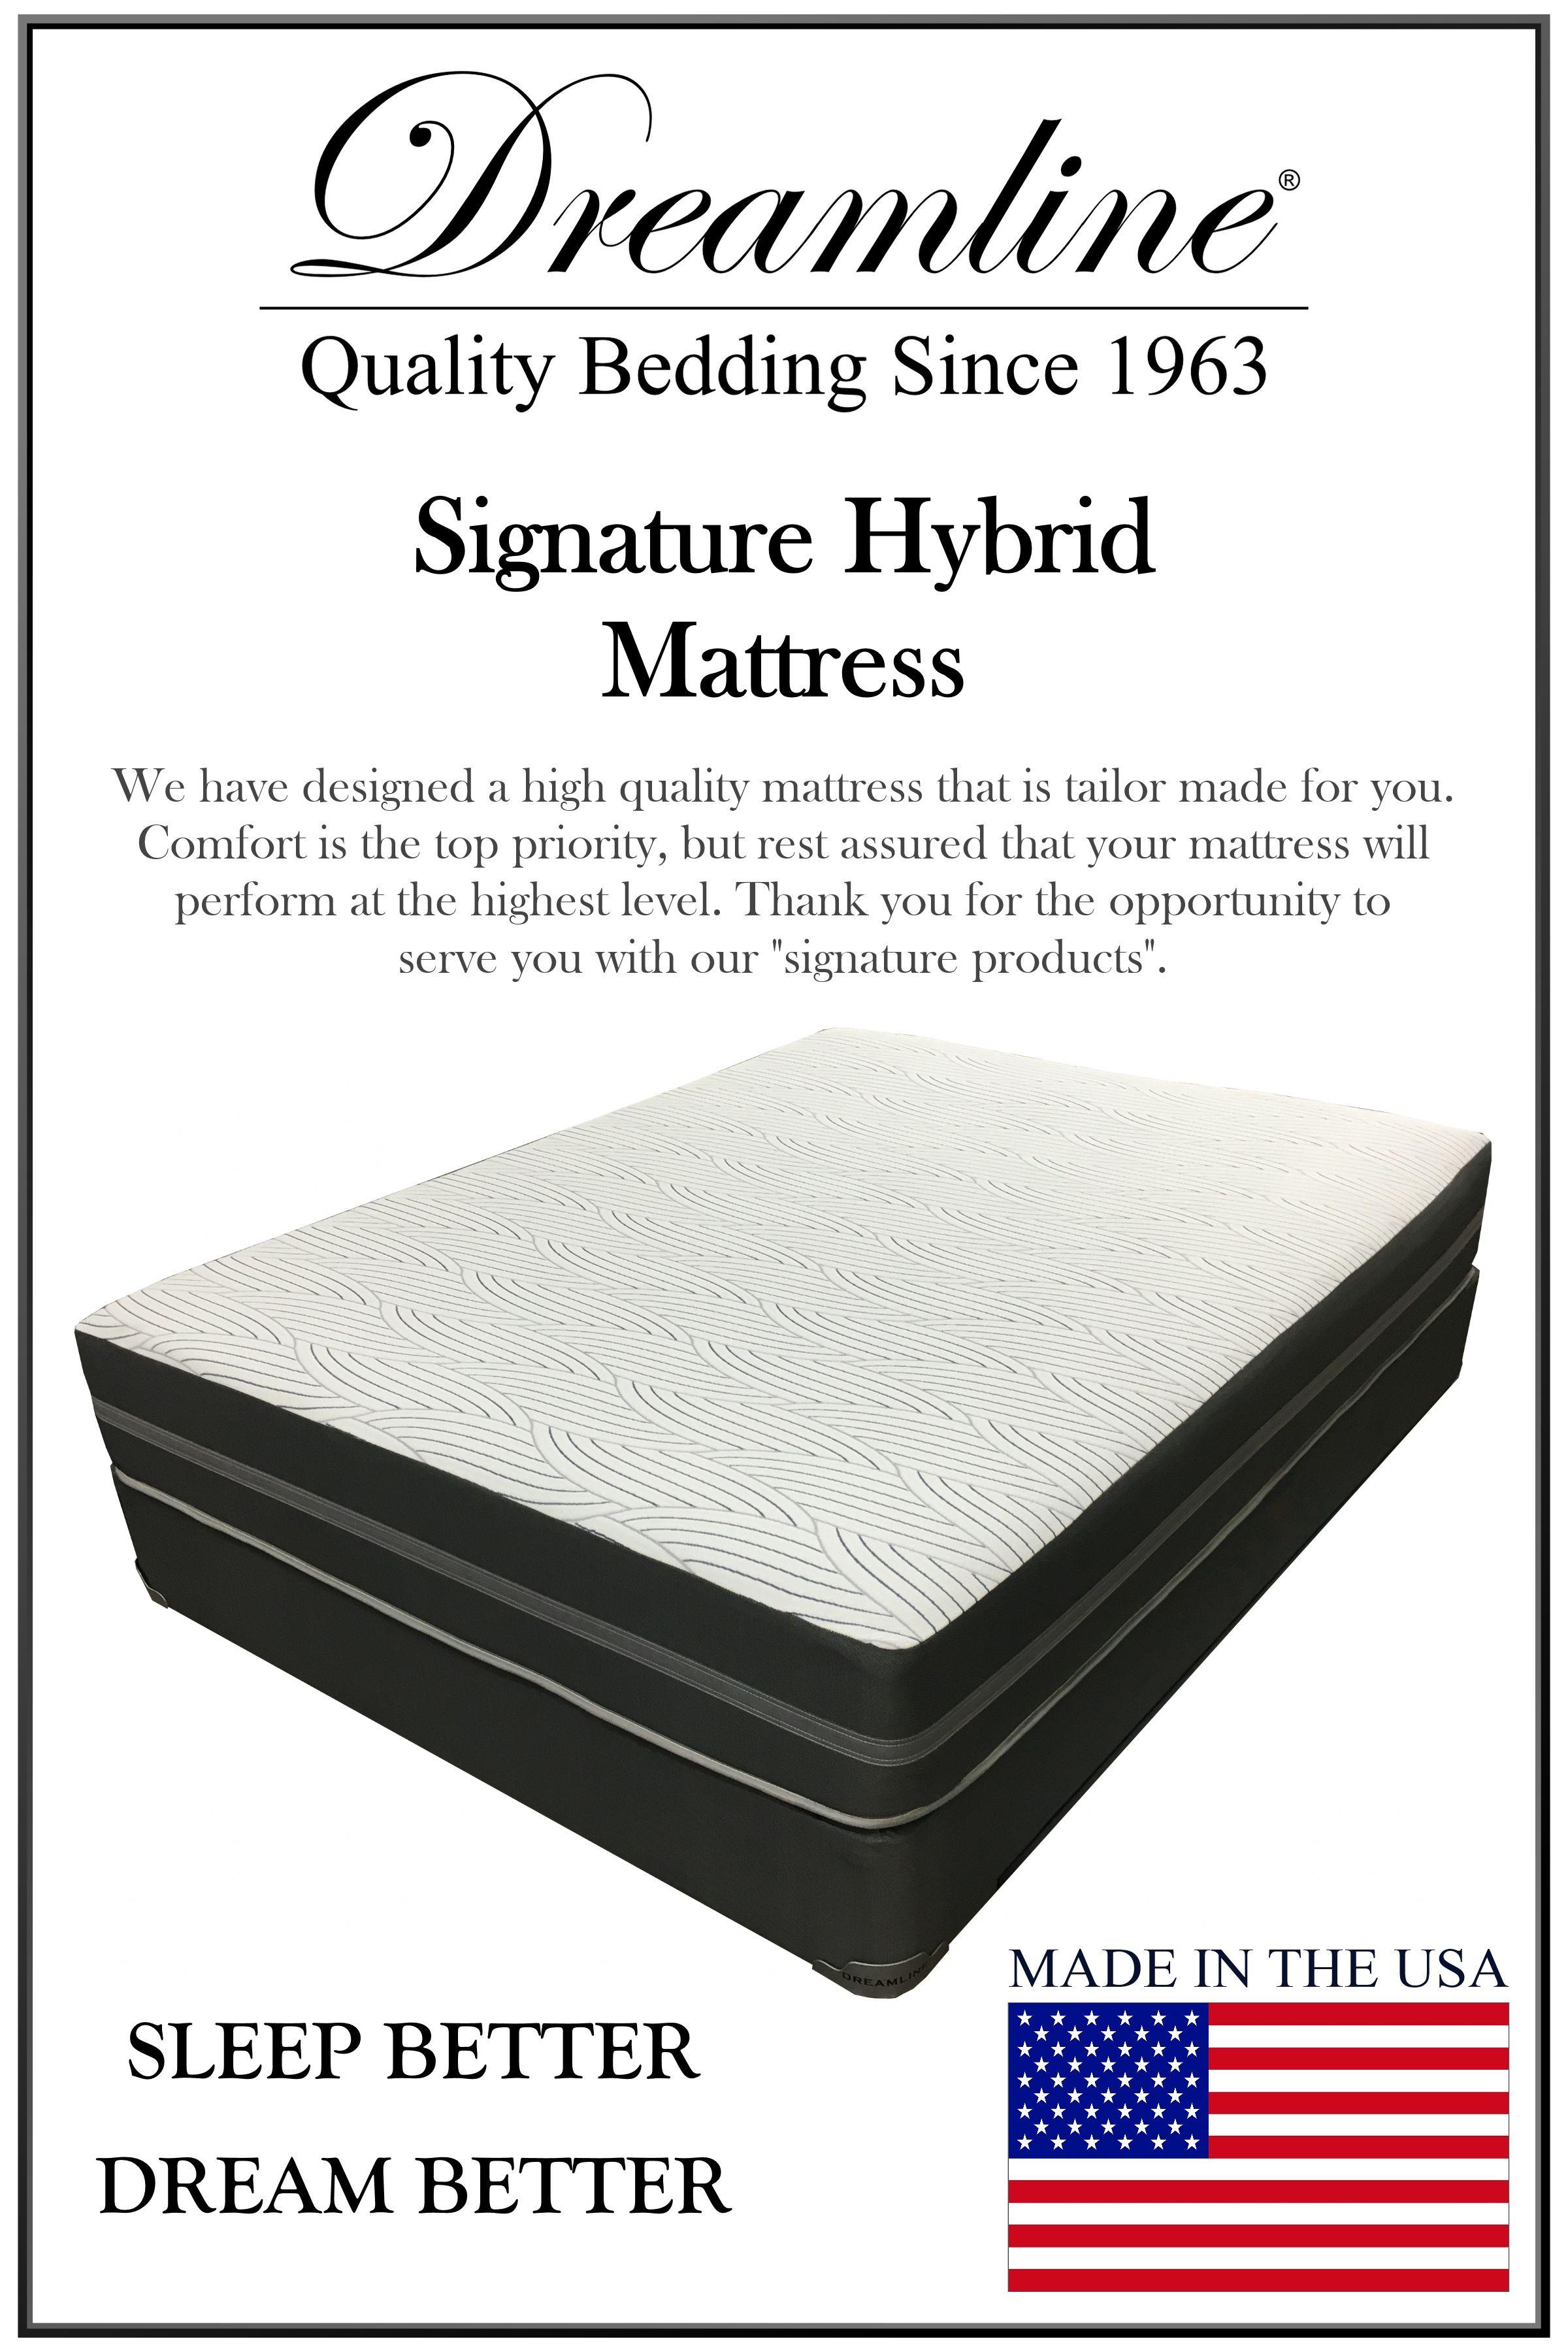 7 best mattress by dreamline images on pinterest mattress